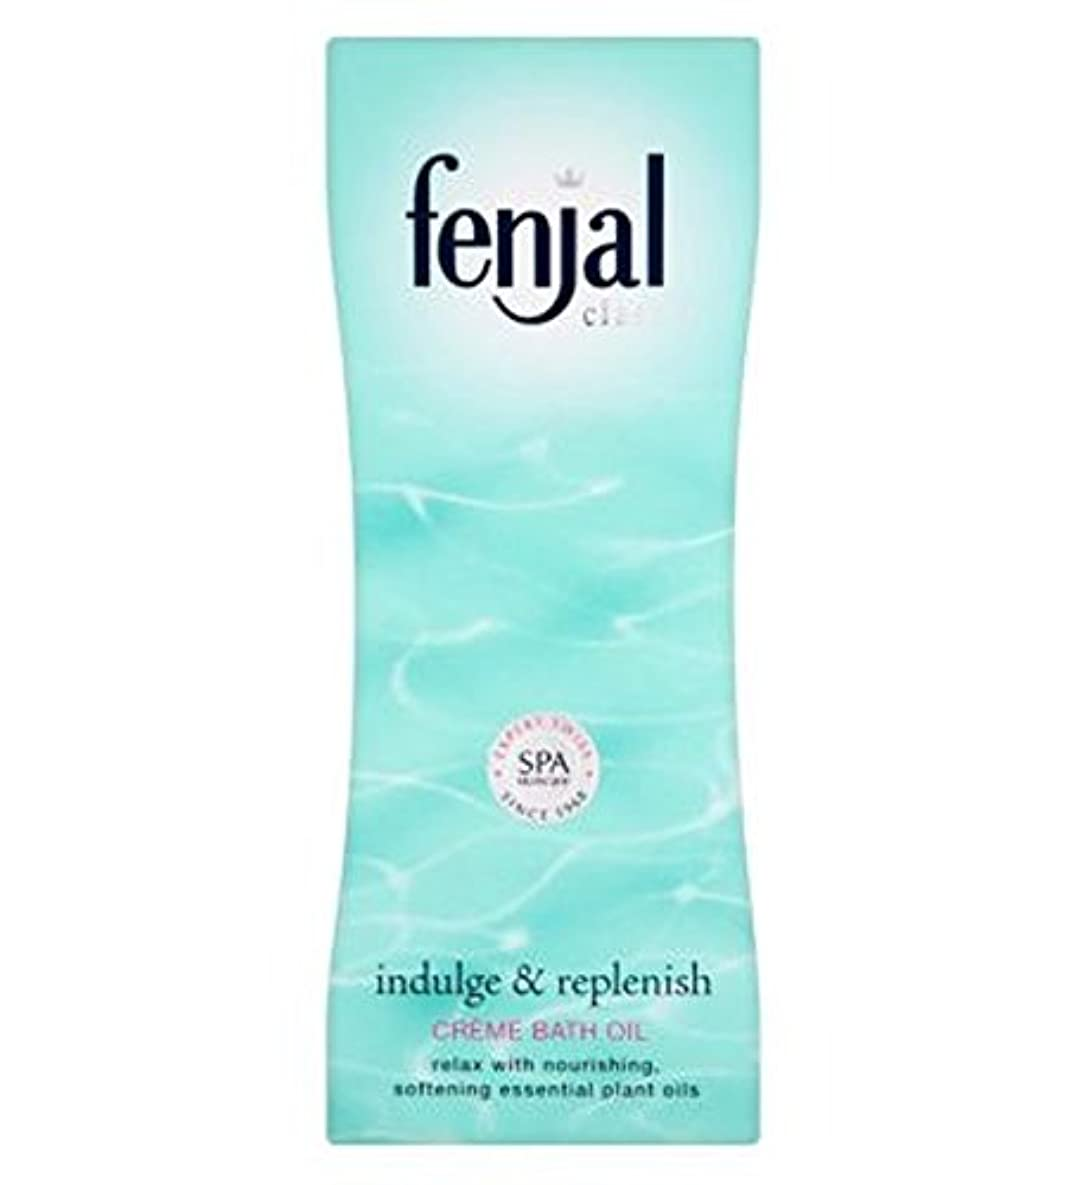 描く破産バドミントンFenjal Classic Luxury Creme Bath Oil - Fenjal古典的な高級クリームバスオイル (Fenjal) [並行輸入品]